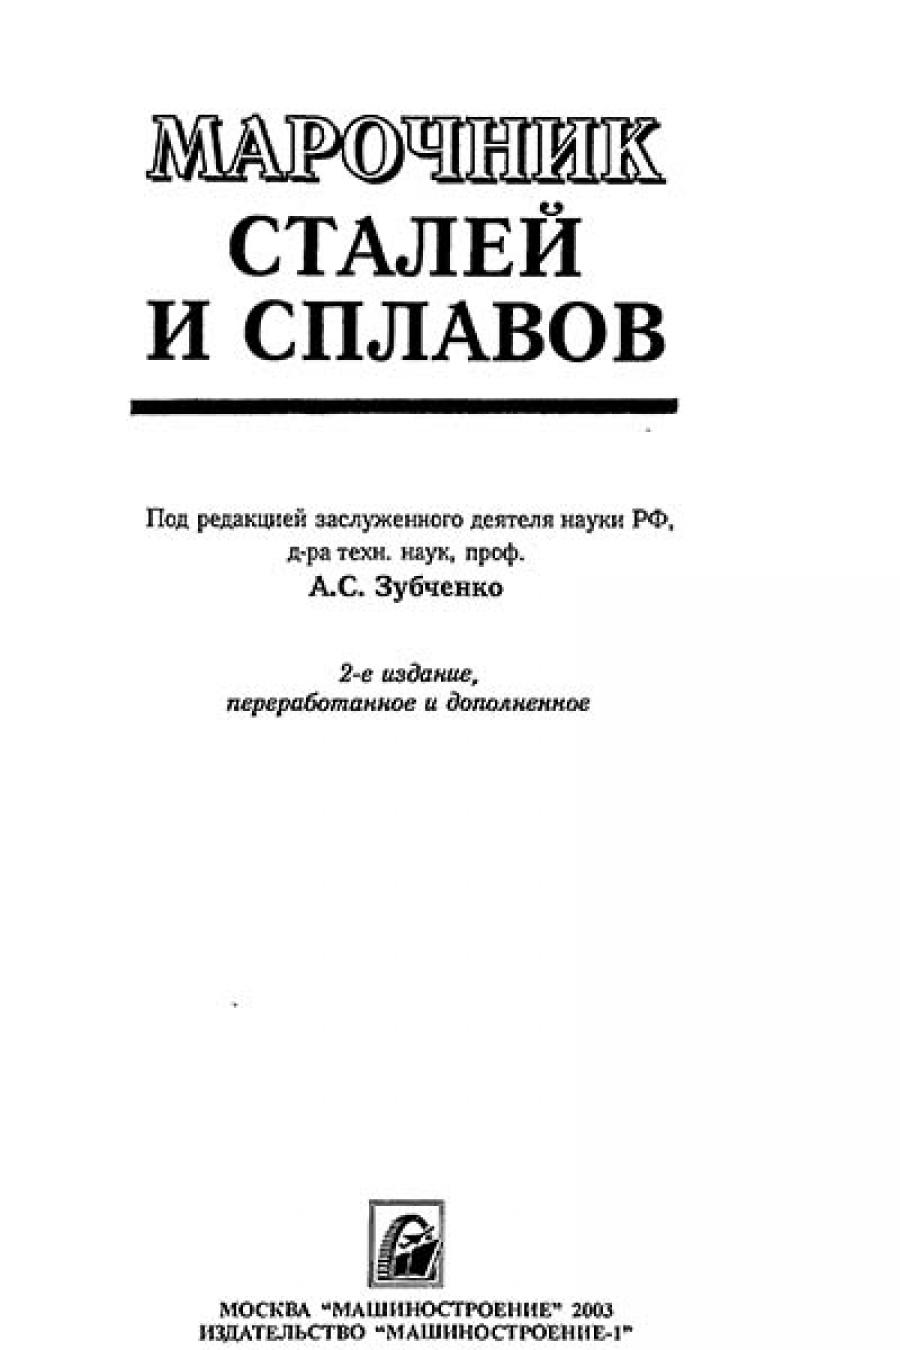 Марочник сталей программа содержит 320 марок сталей и сплавов.